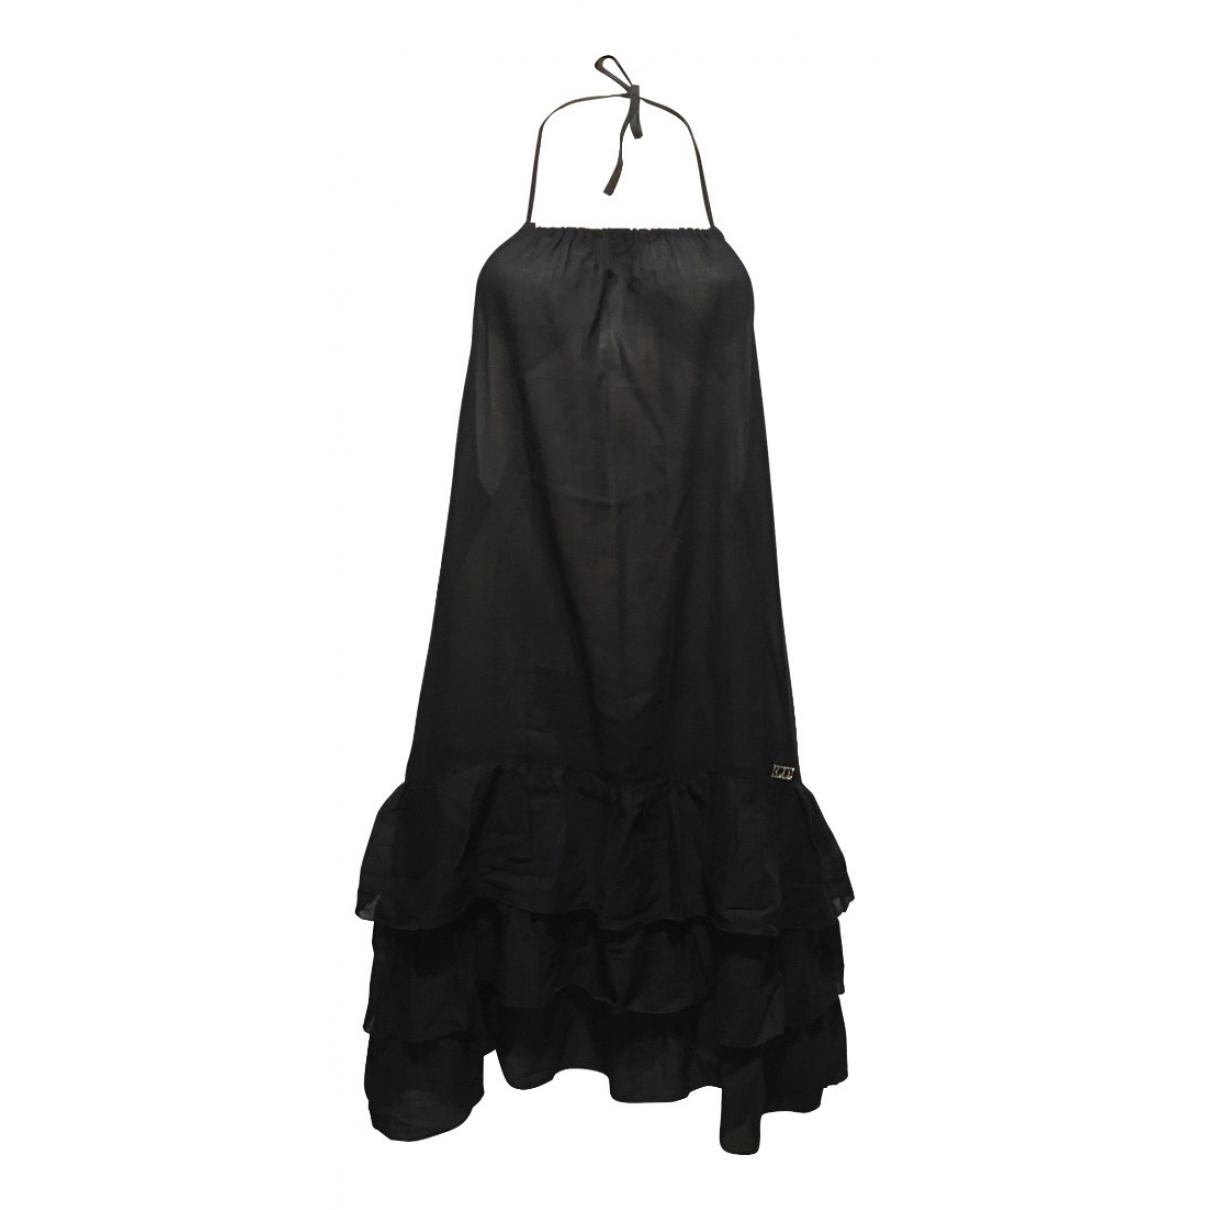 Dior \N Kleid in  Schwarz Baumwolle